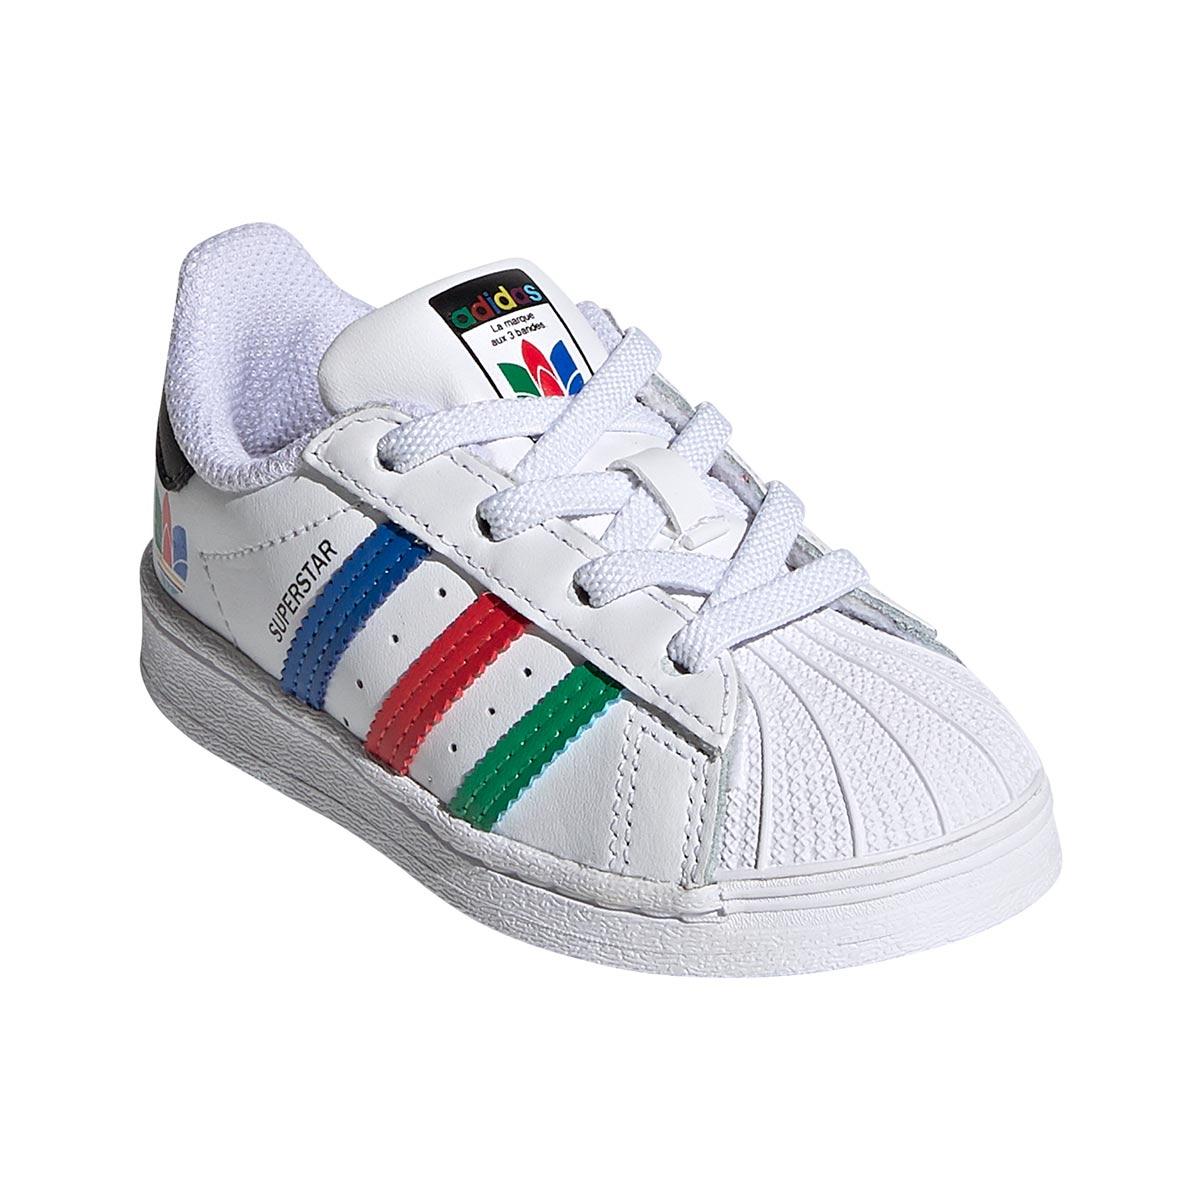 Tenis-Infantil-Adidas-Superstar-EL-I--18-ao-25--FW5240--4Q20-